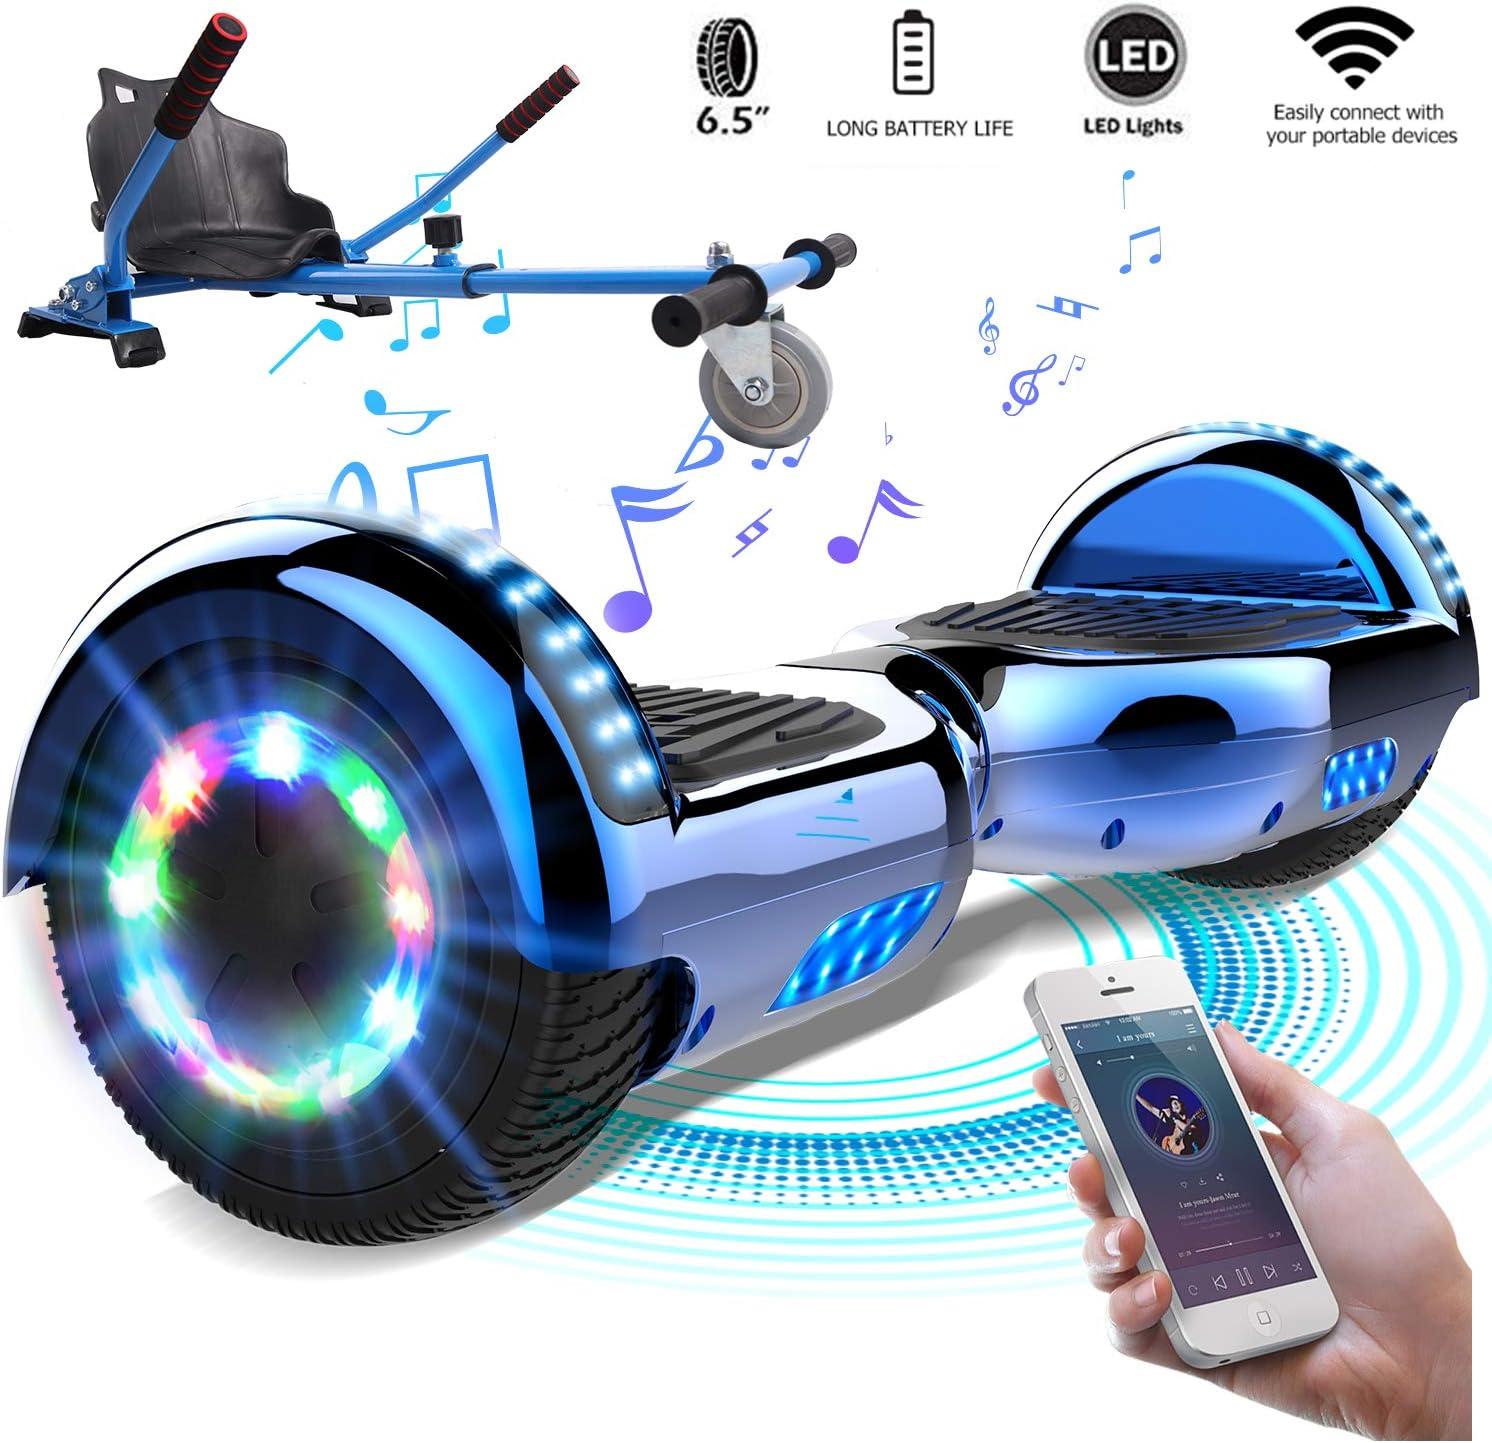 Mega Motion Monopat/ín El/éctrico 10 Pulgadas Auto-Equilibrio Scooter Monopat/ín El/éctrico-UL Certificado 2272-Altavoz y Bluetooth-LED-700W Modelo Z6